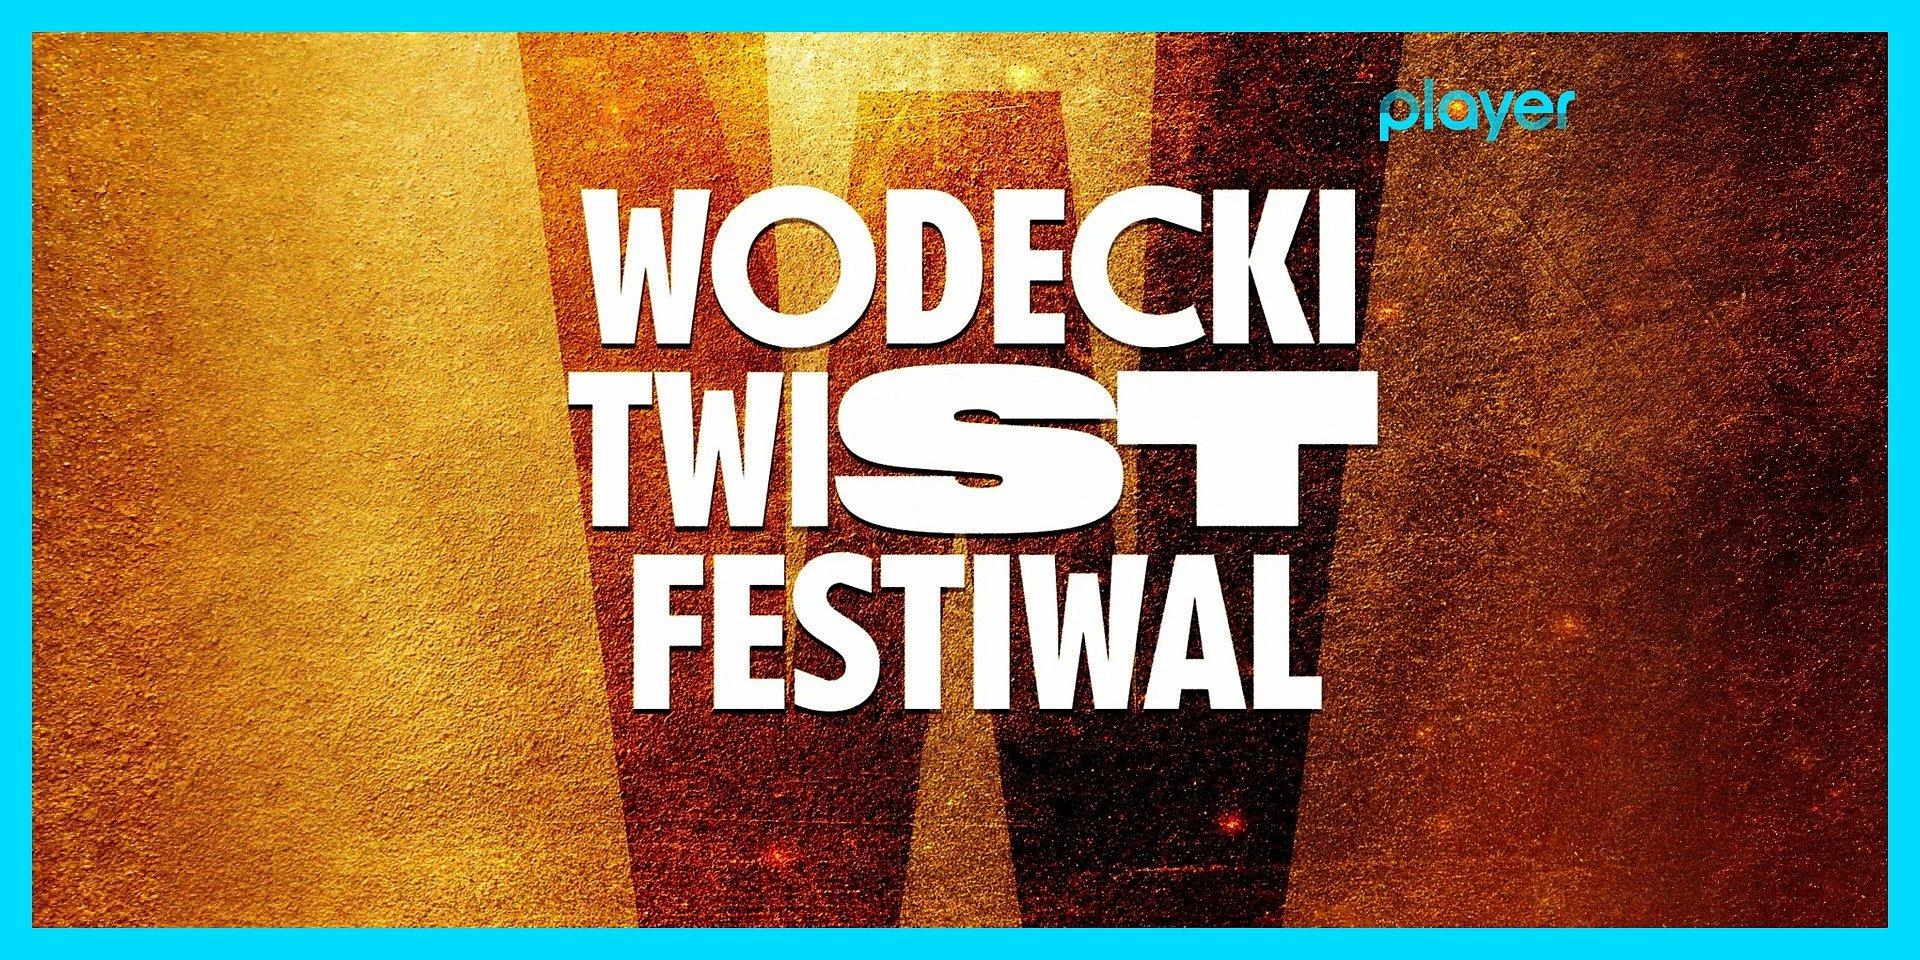 3. WODECKI TWIST FESTIWAL po raz pierwszy w sieci!